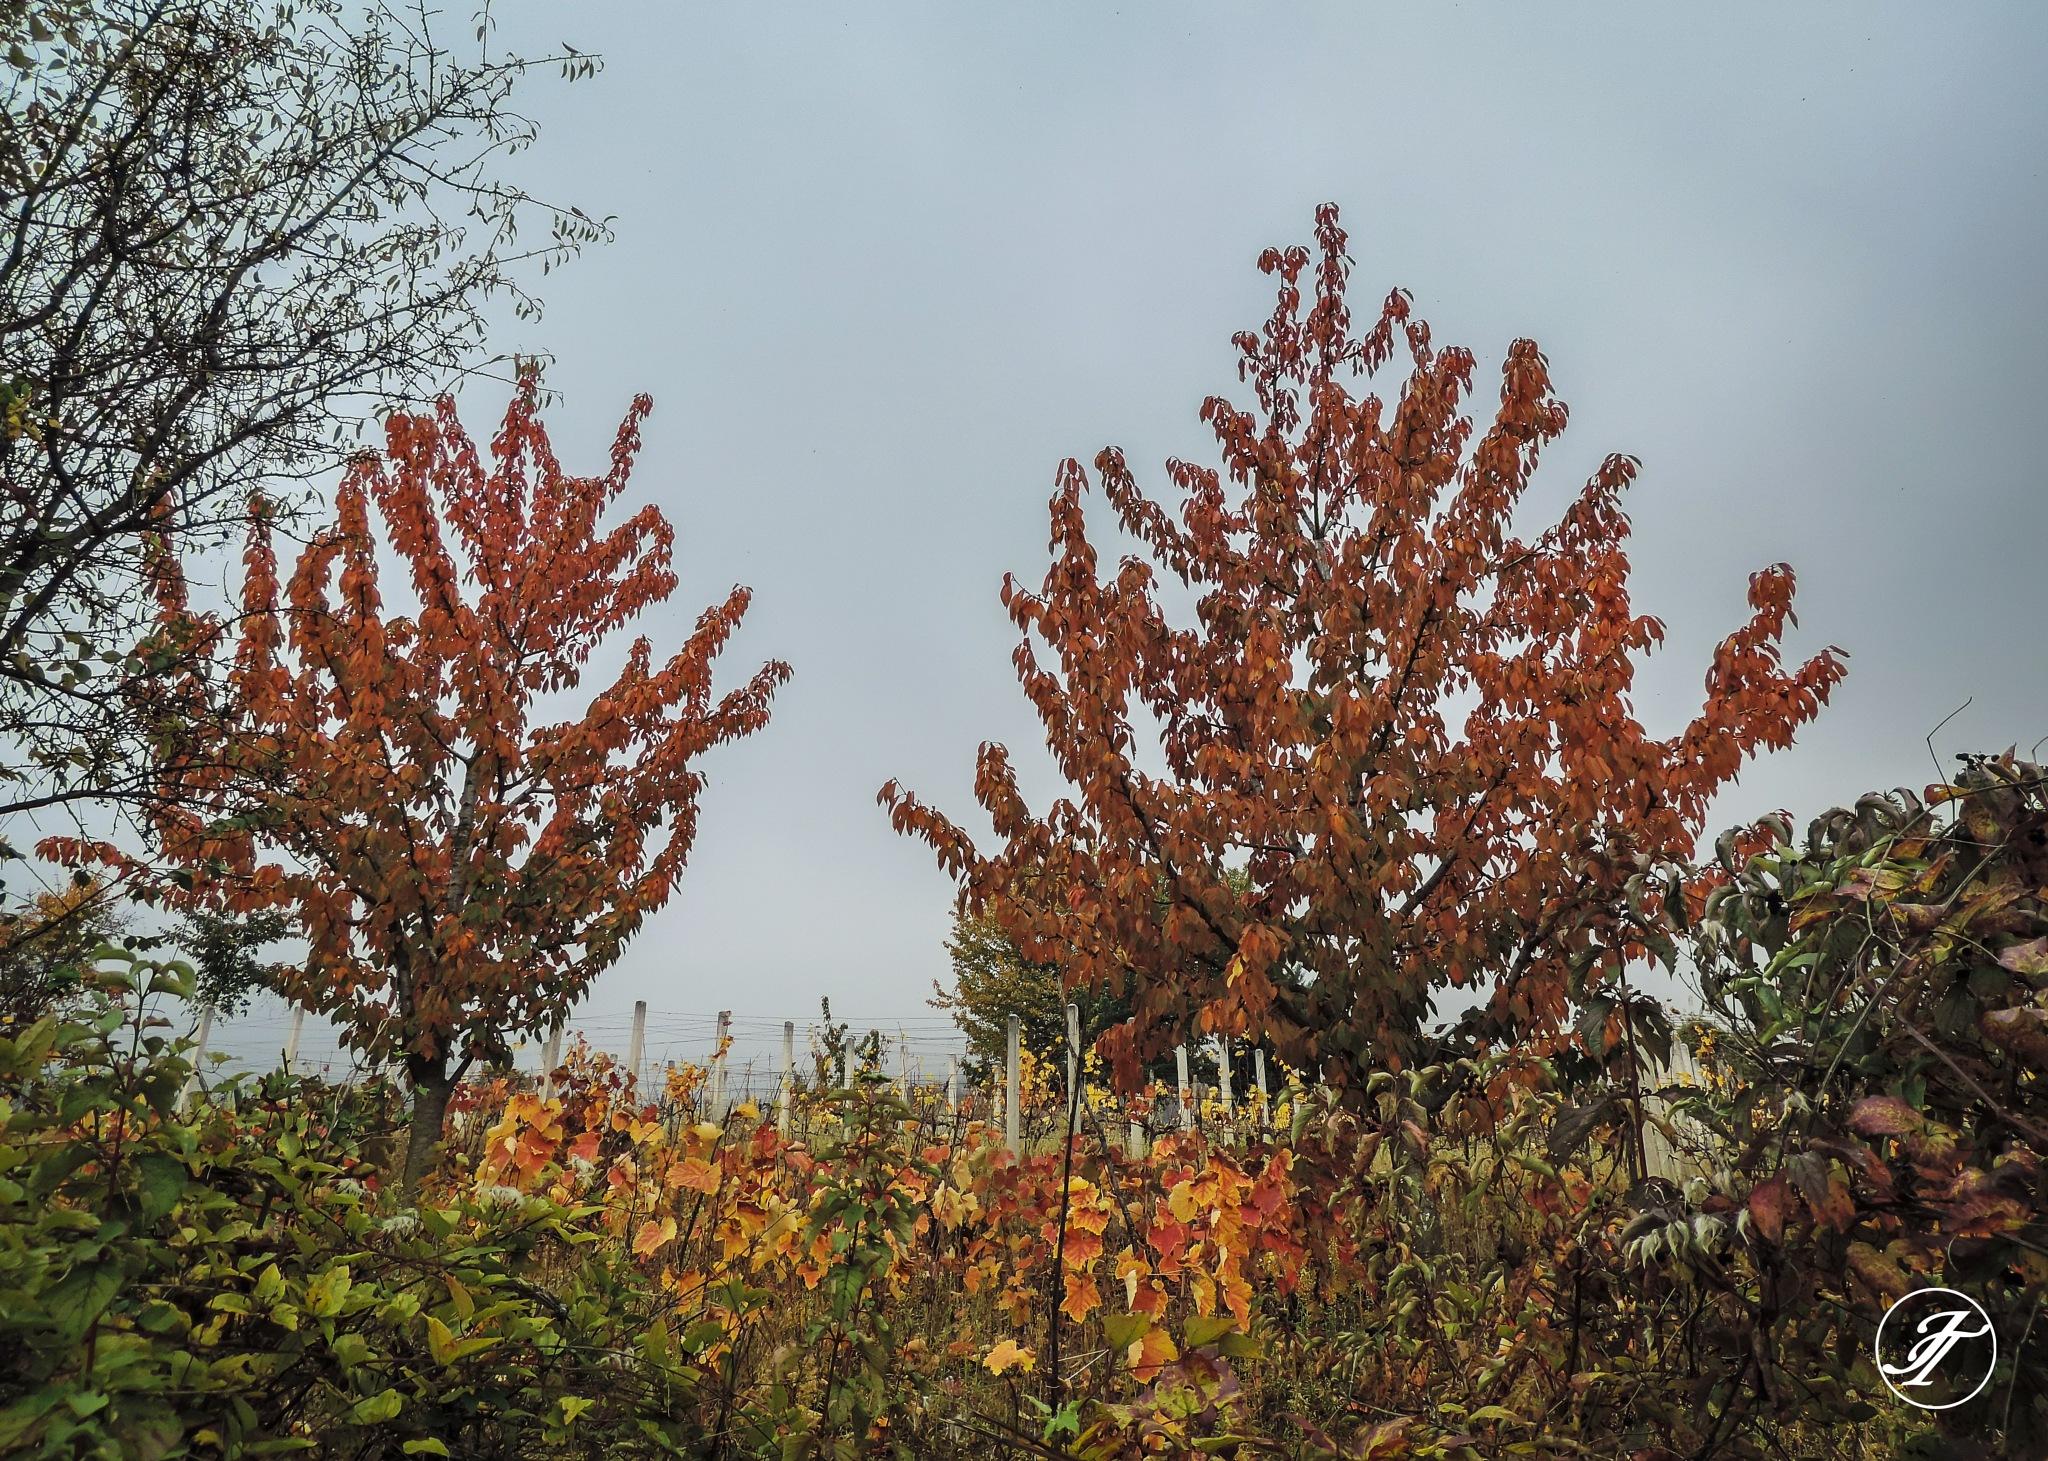 Autumn in vineyard by Jasmin